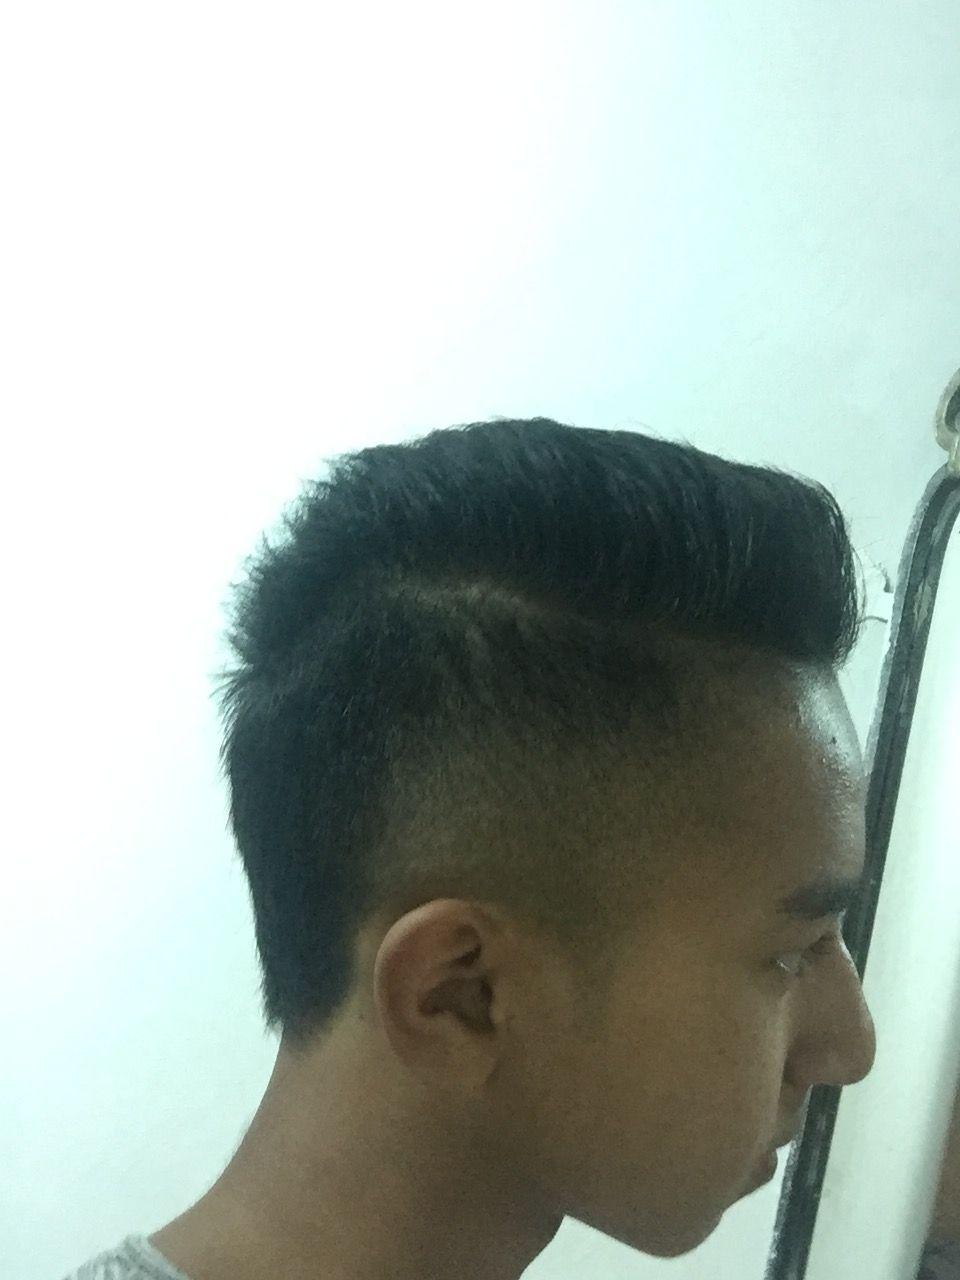 Usmc haircut styles absi alkatary bsi on pinterest